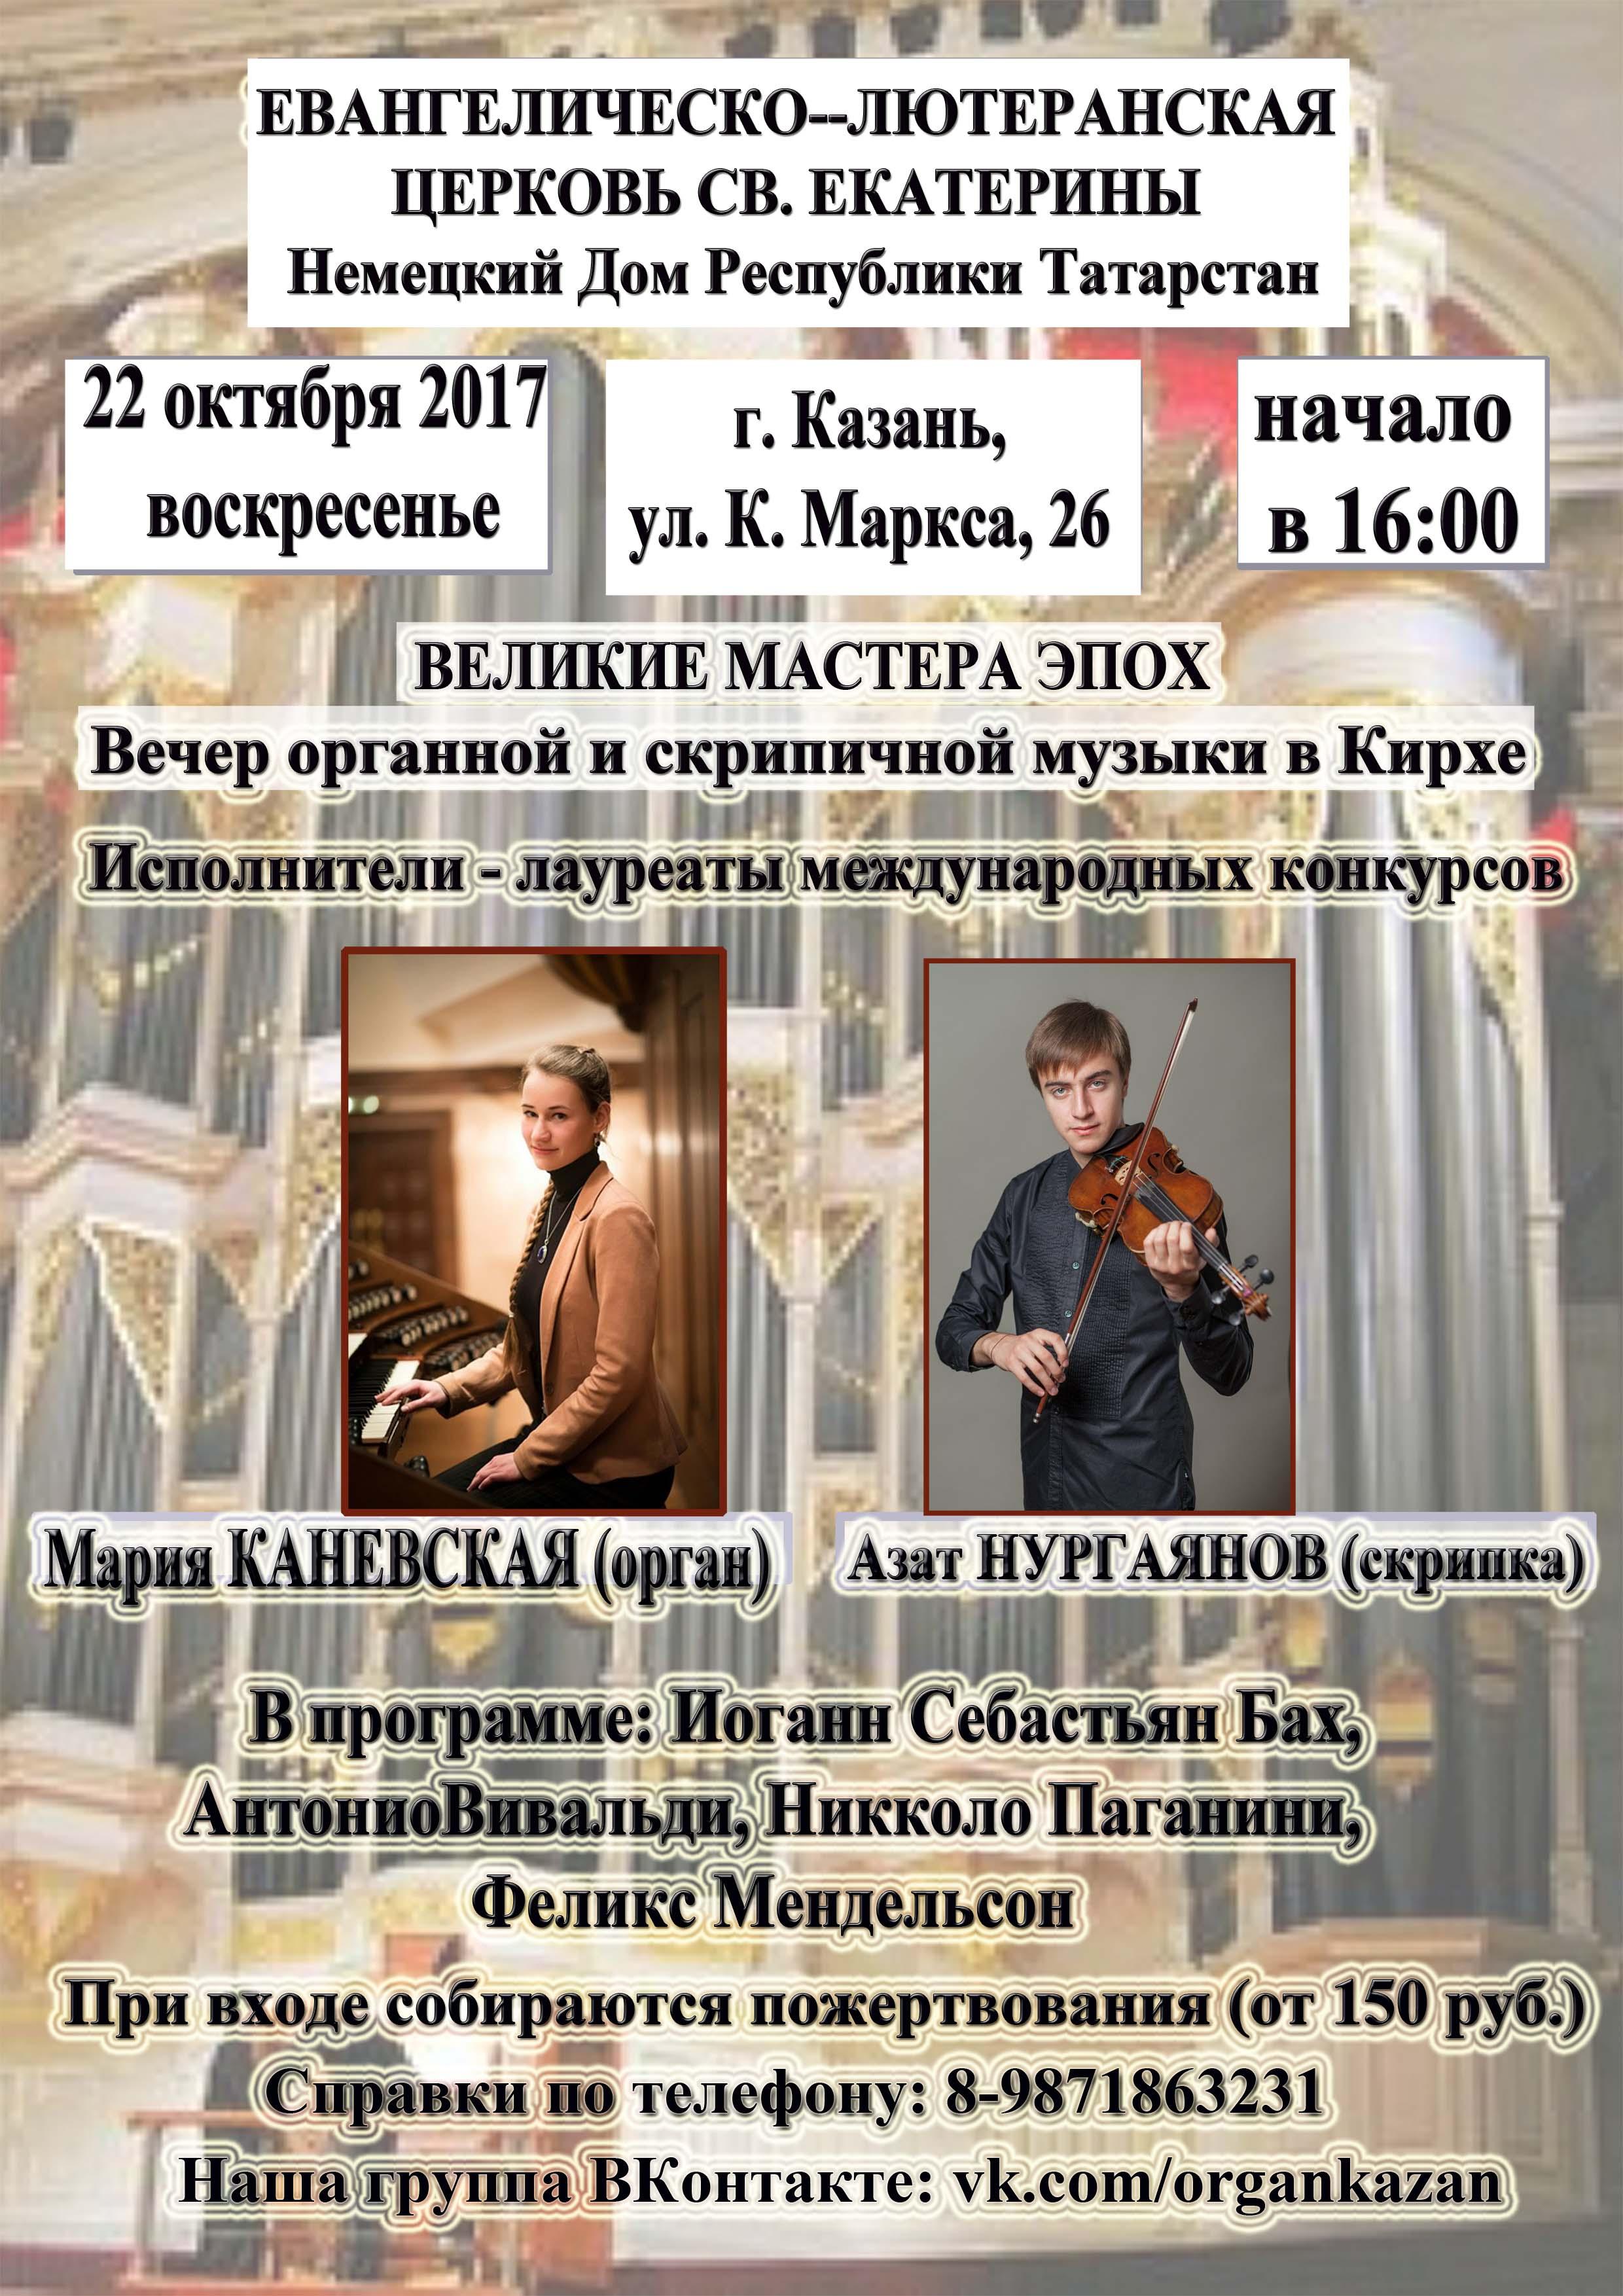 Вечер органной и скрипичной музыки «Великие мастера эпох»